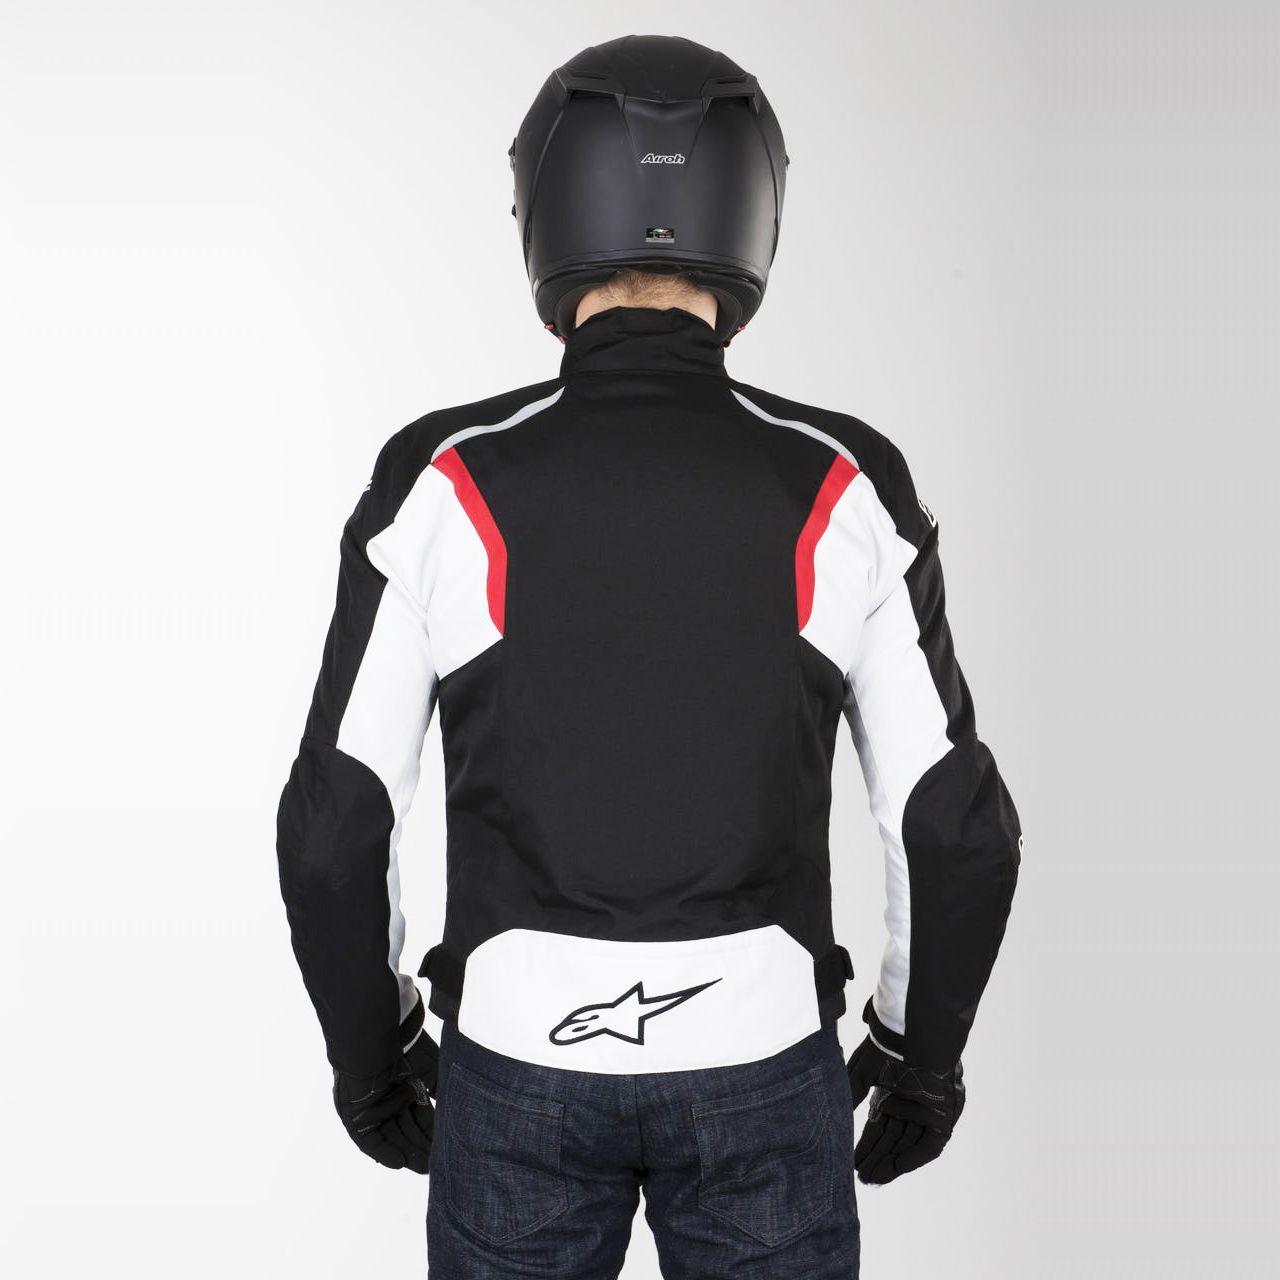 0 Jaqueta Alpinestars Fastback Impermeável (Preta/Branca/Vermelha)  - Planet Bike Shop Moto Acessórios